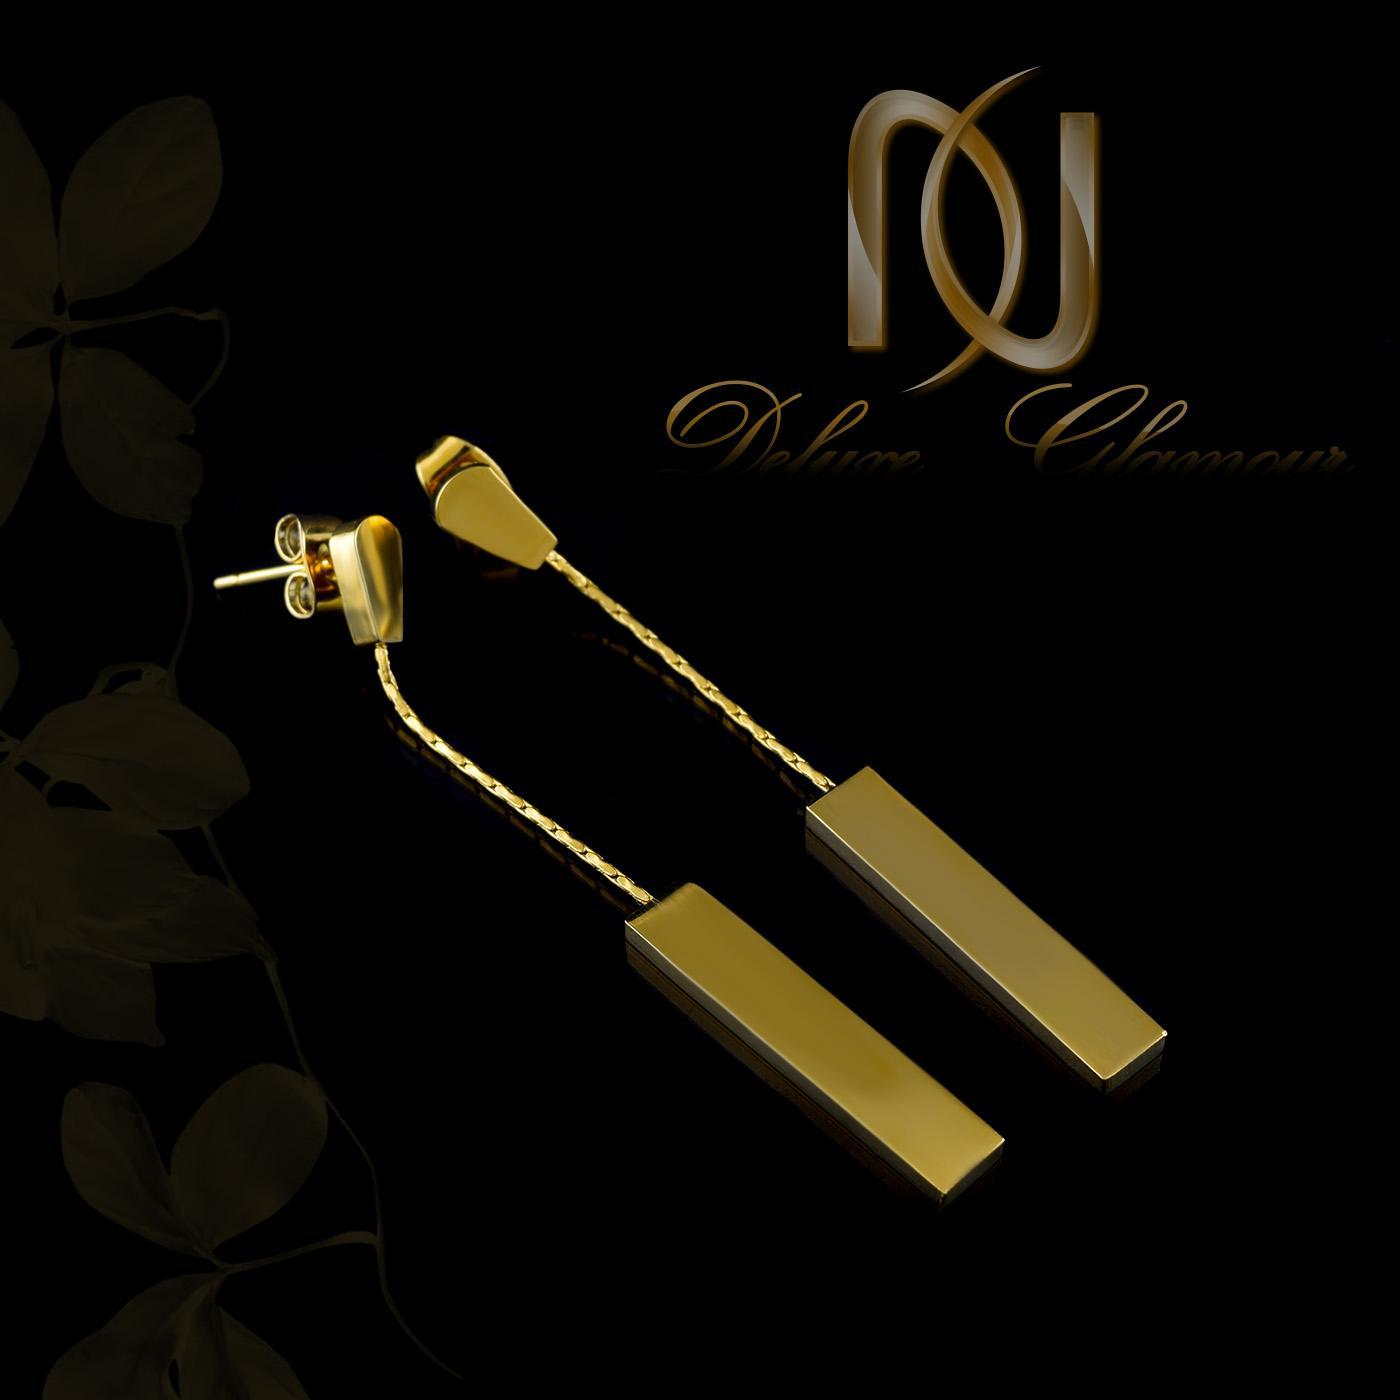 گوشواره آویزی طلایی بلند با قفل میخی er-n155 از نمای مشکی